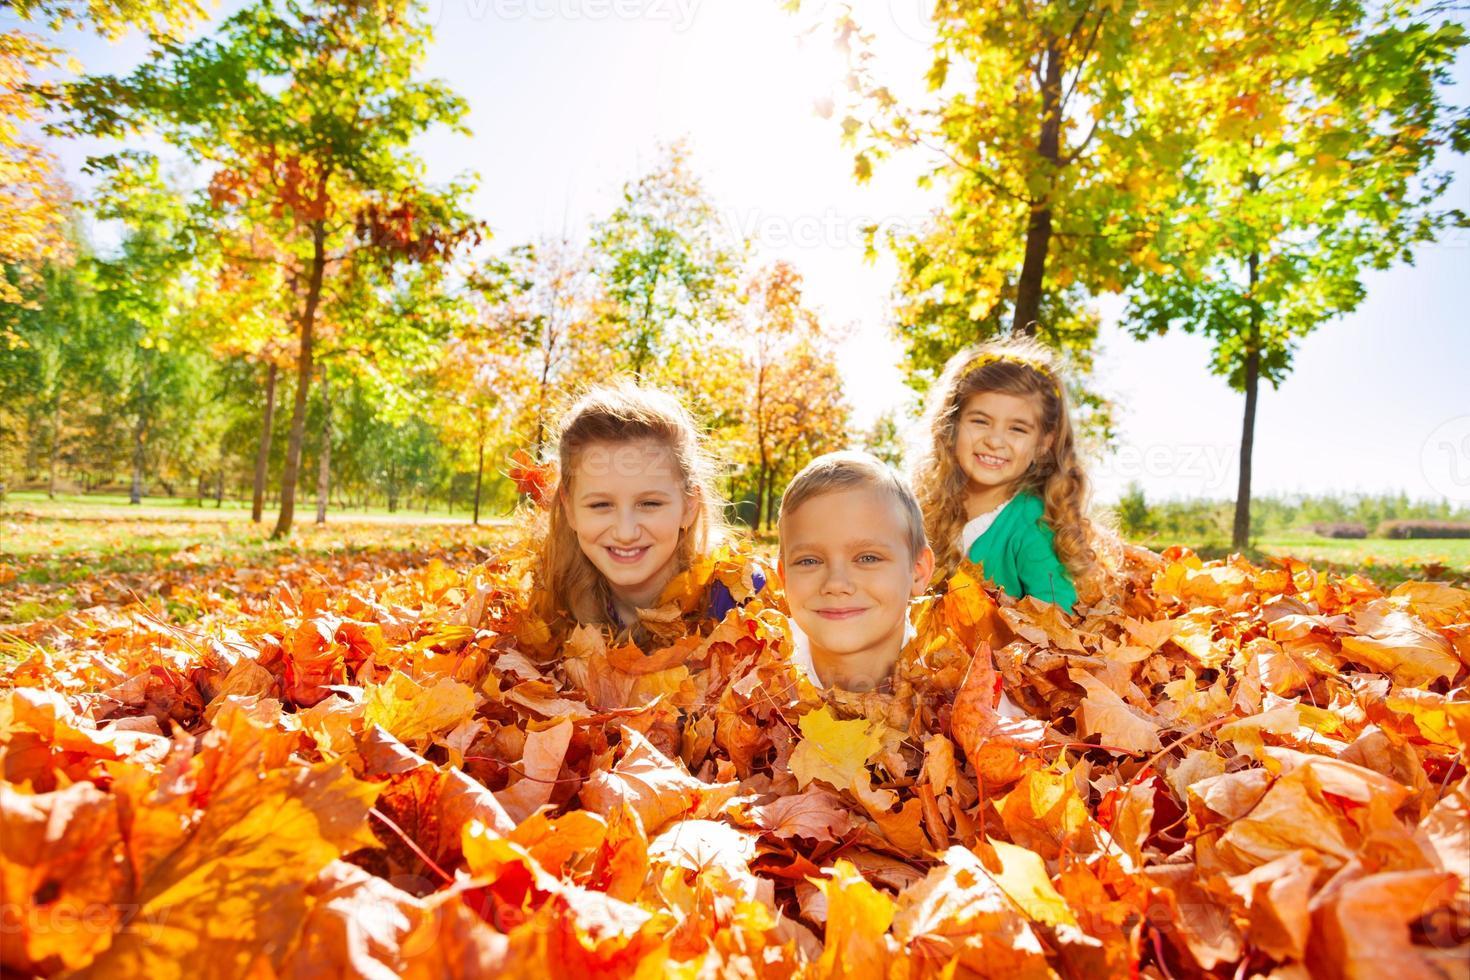 Niños divirtiéndose tirado en el suelo con hojas foto